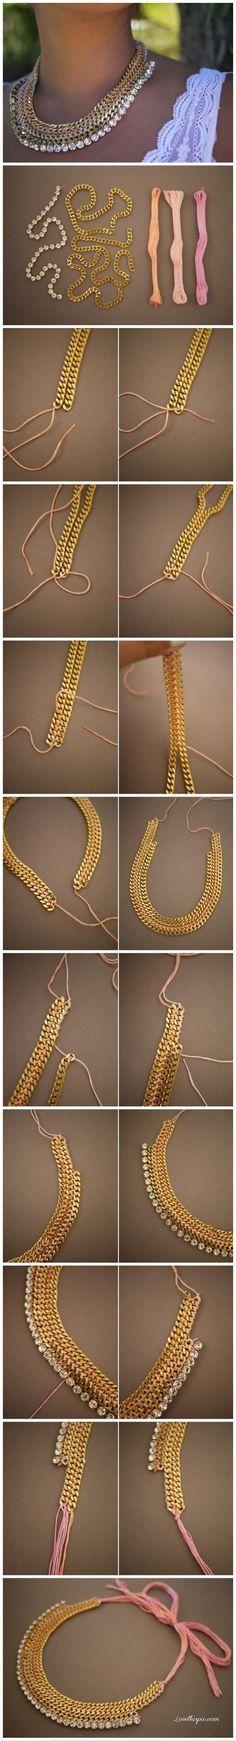 DIY necklaces diy crafts craft ideas easy crafts diy ideas crafty easy diy diy jewelry craft necklace diy necklace diy fashion jewelry diy diy necklaces